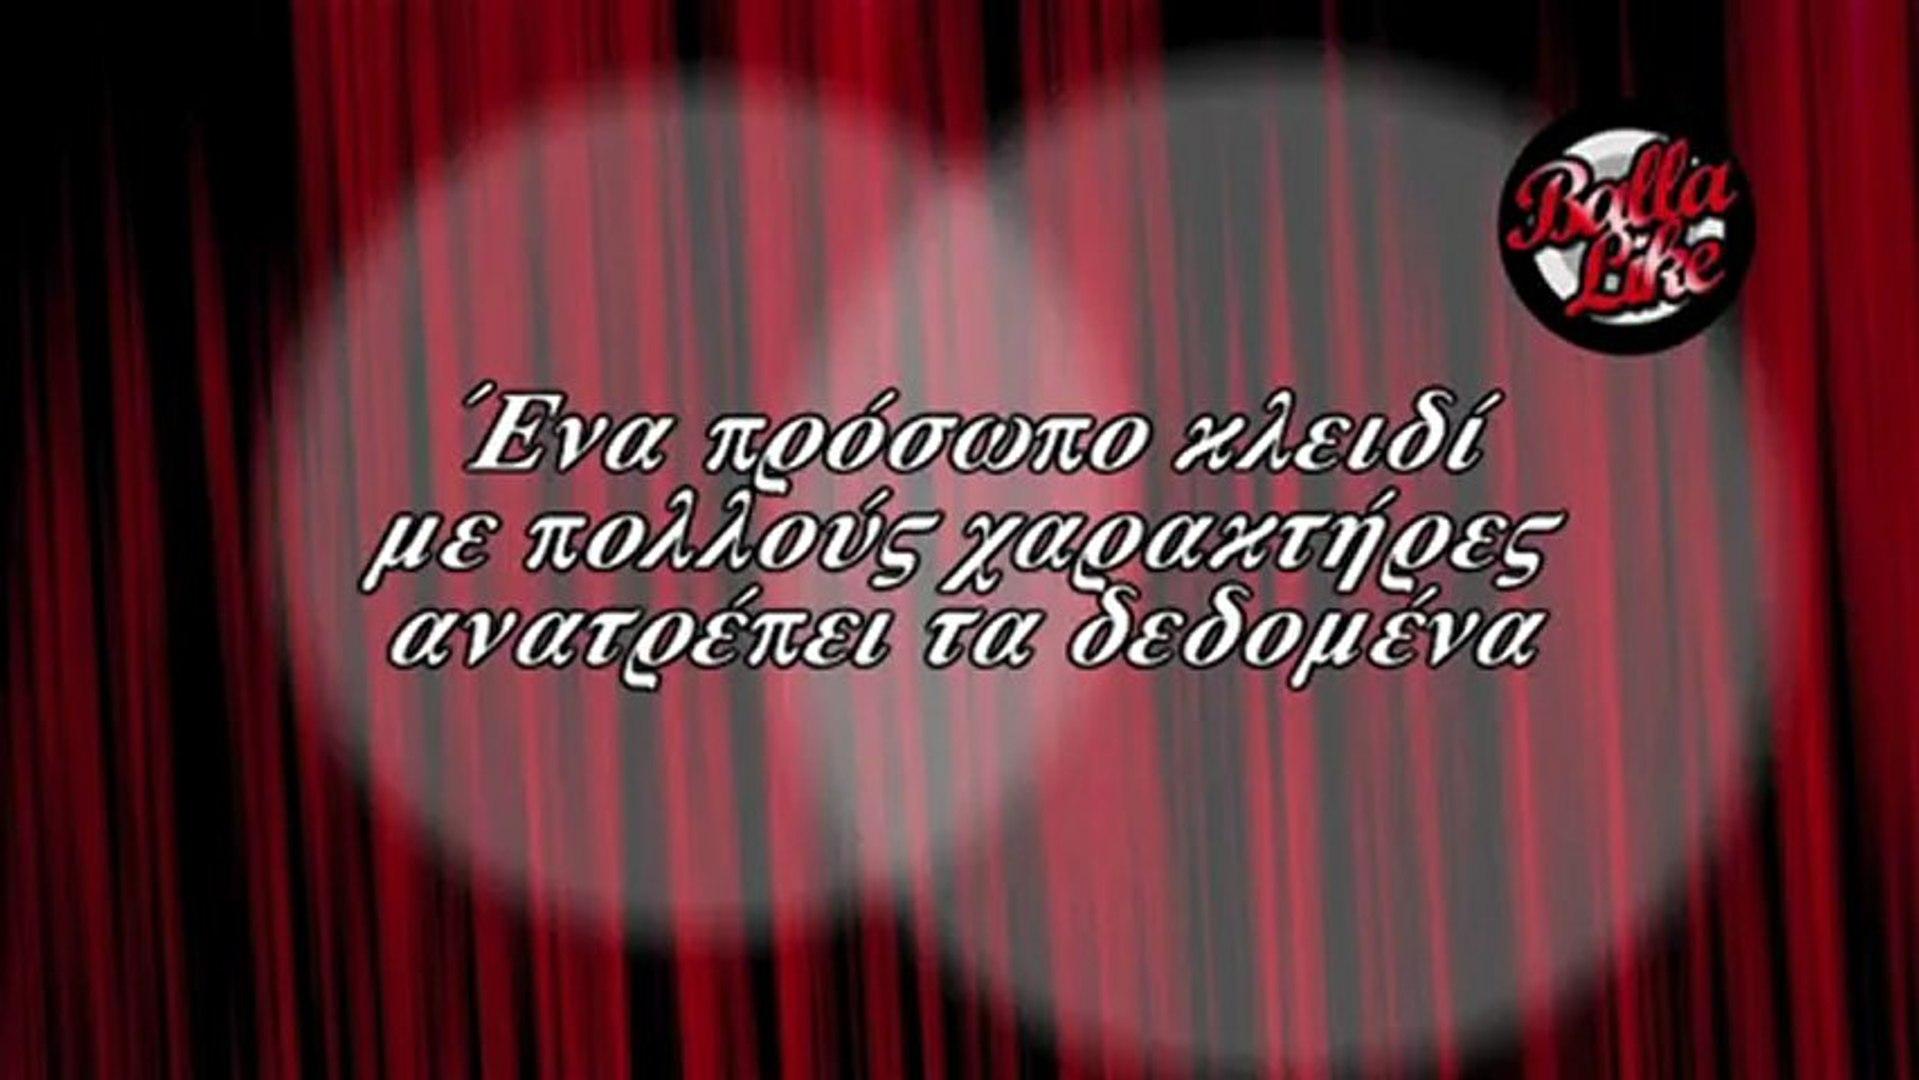 Balla Like web tv 04.02